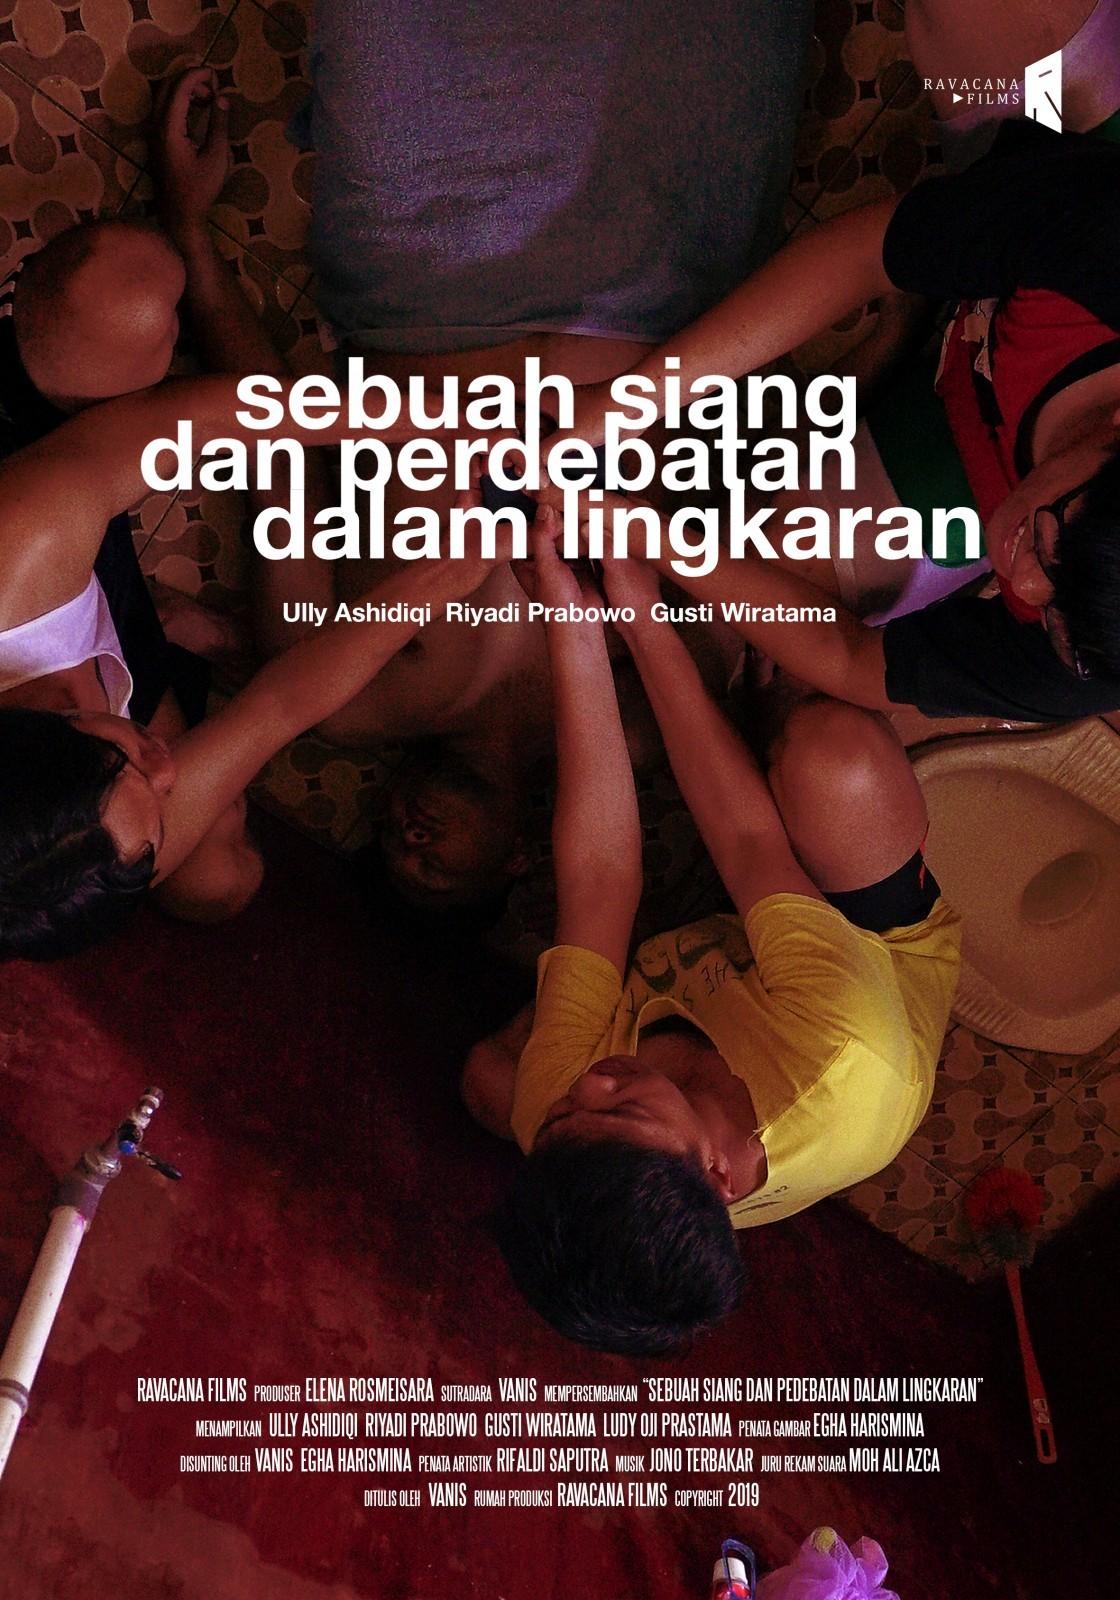 Poster_Sebuah Siang dan Perdebatan dalam Lingkaran_Website